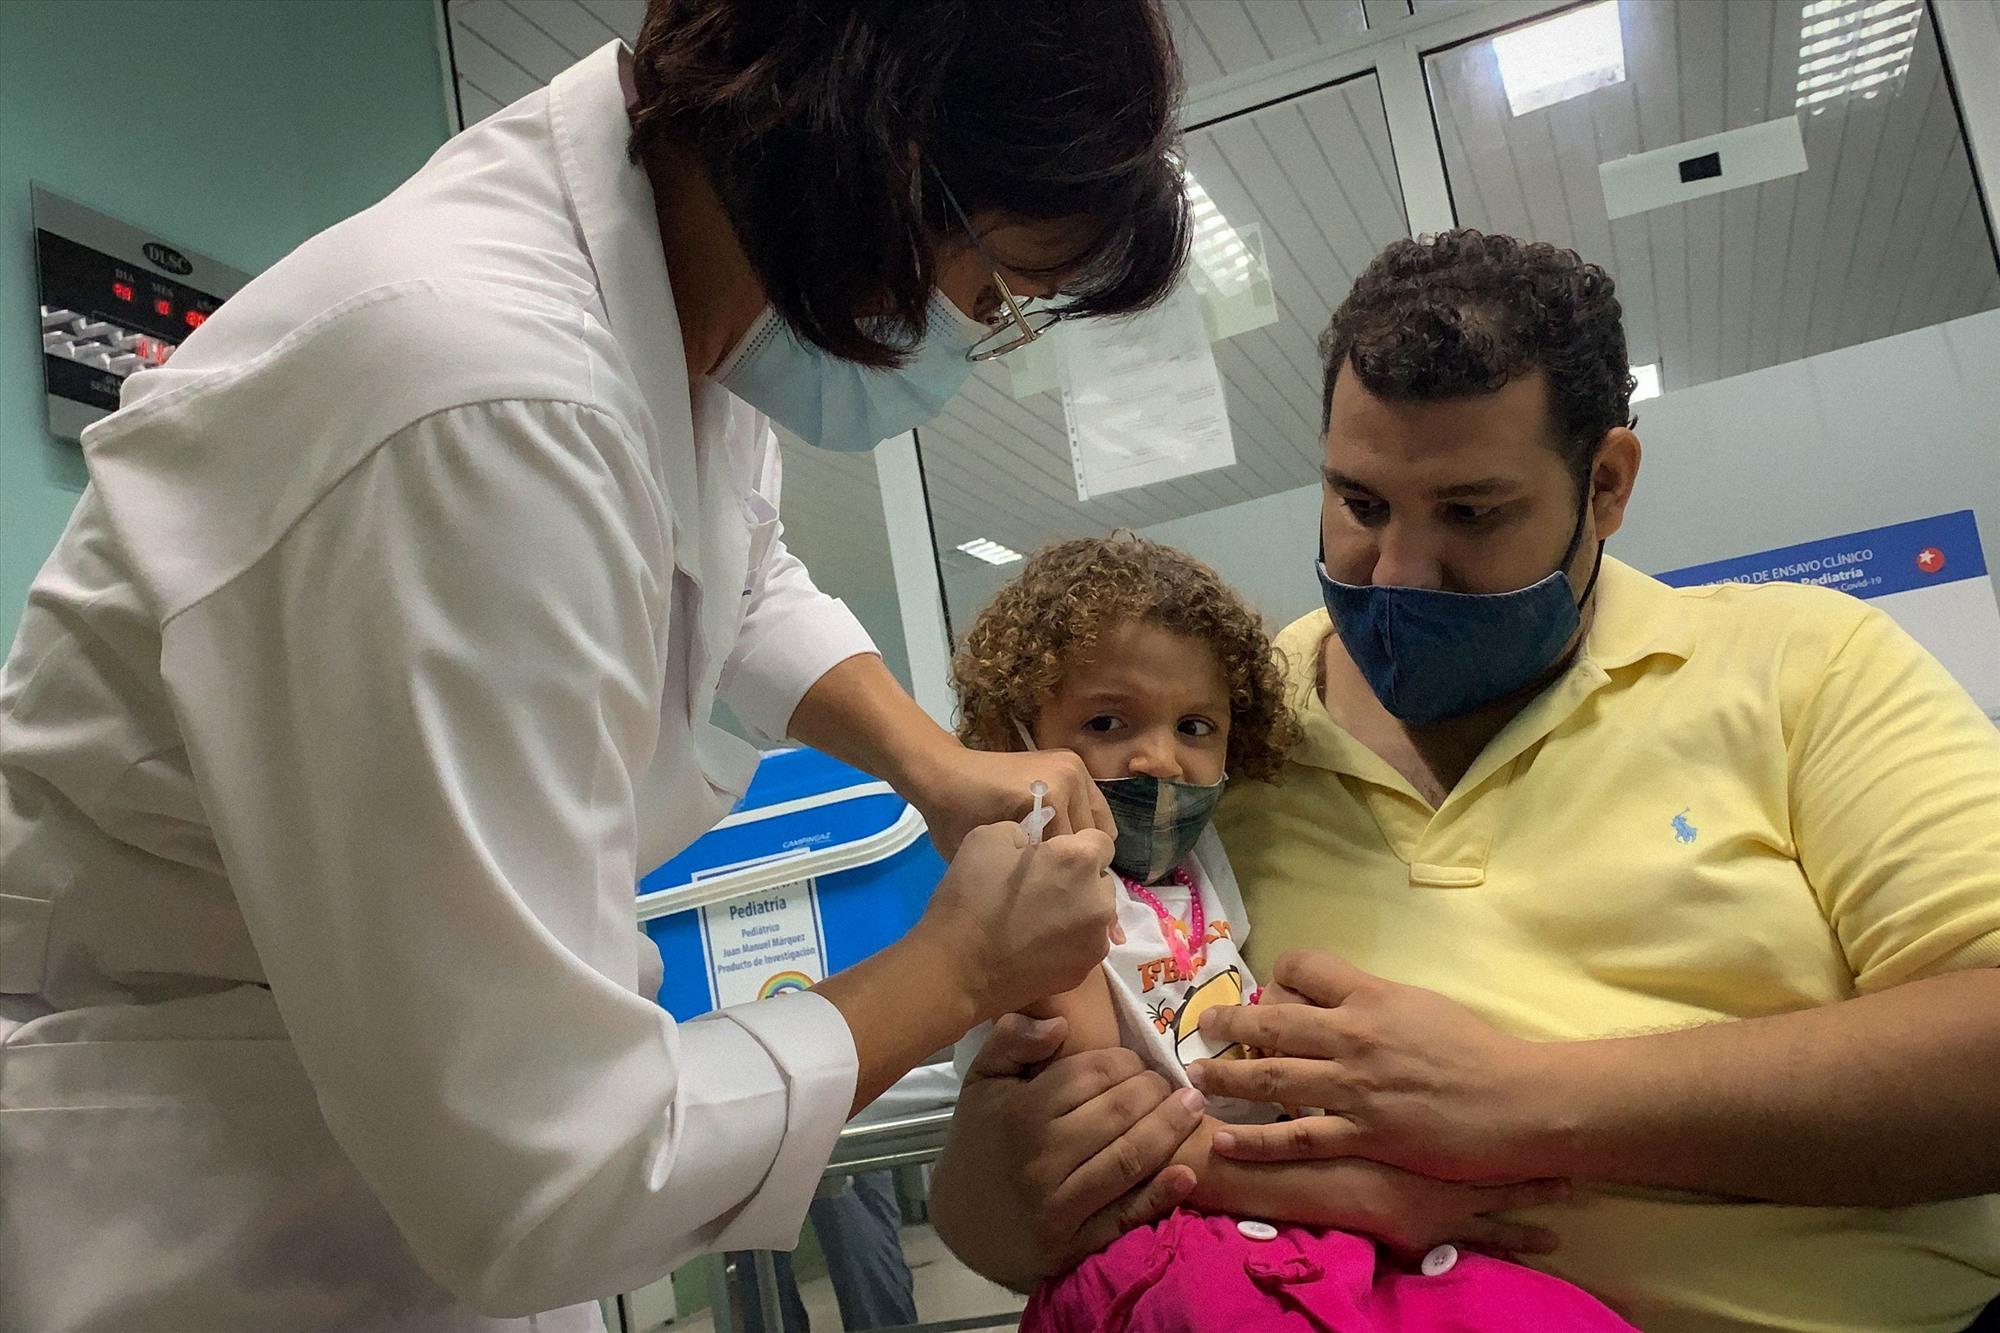 Cuba vừa bắt đầu tiêm vắc xin ngừa Covid-19 cho độ tuổi từ 2-18 cho nước này sản xuất. Ảnh: AFP